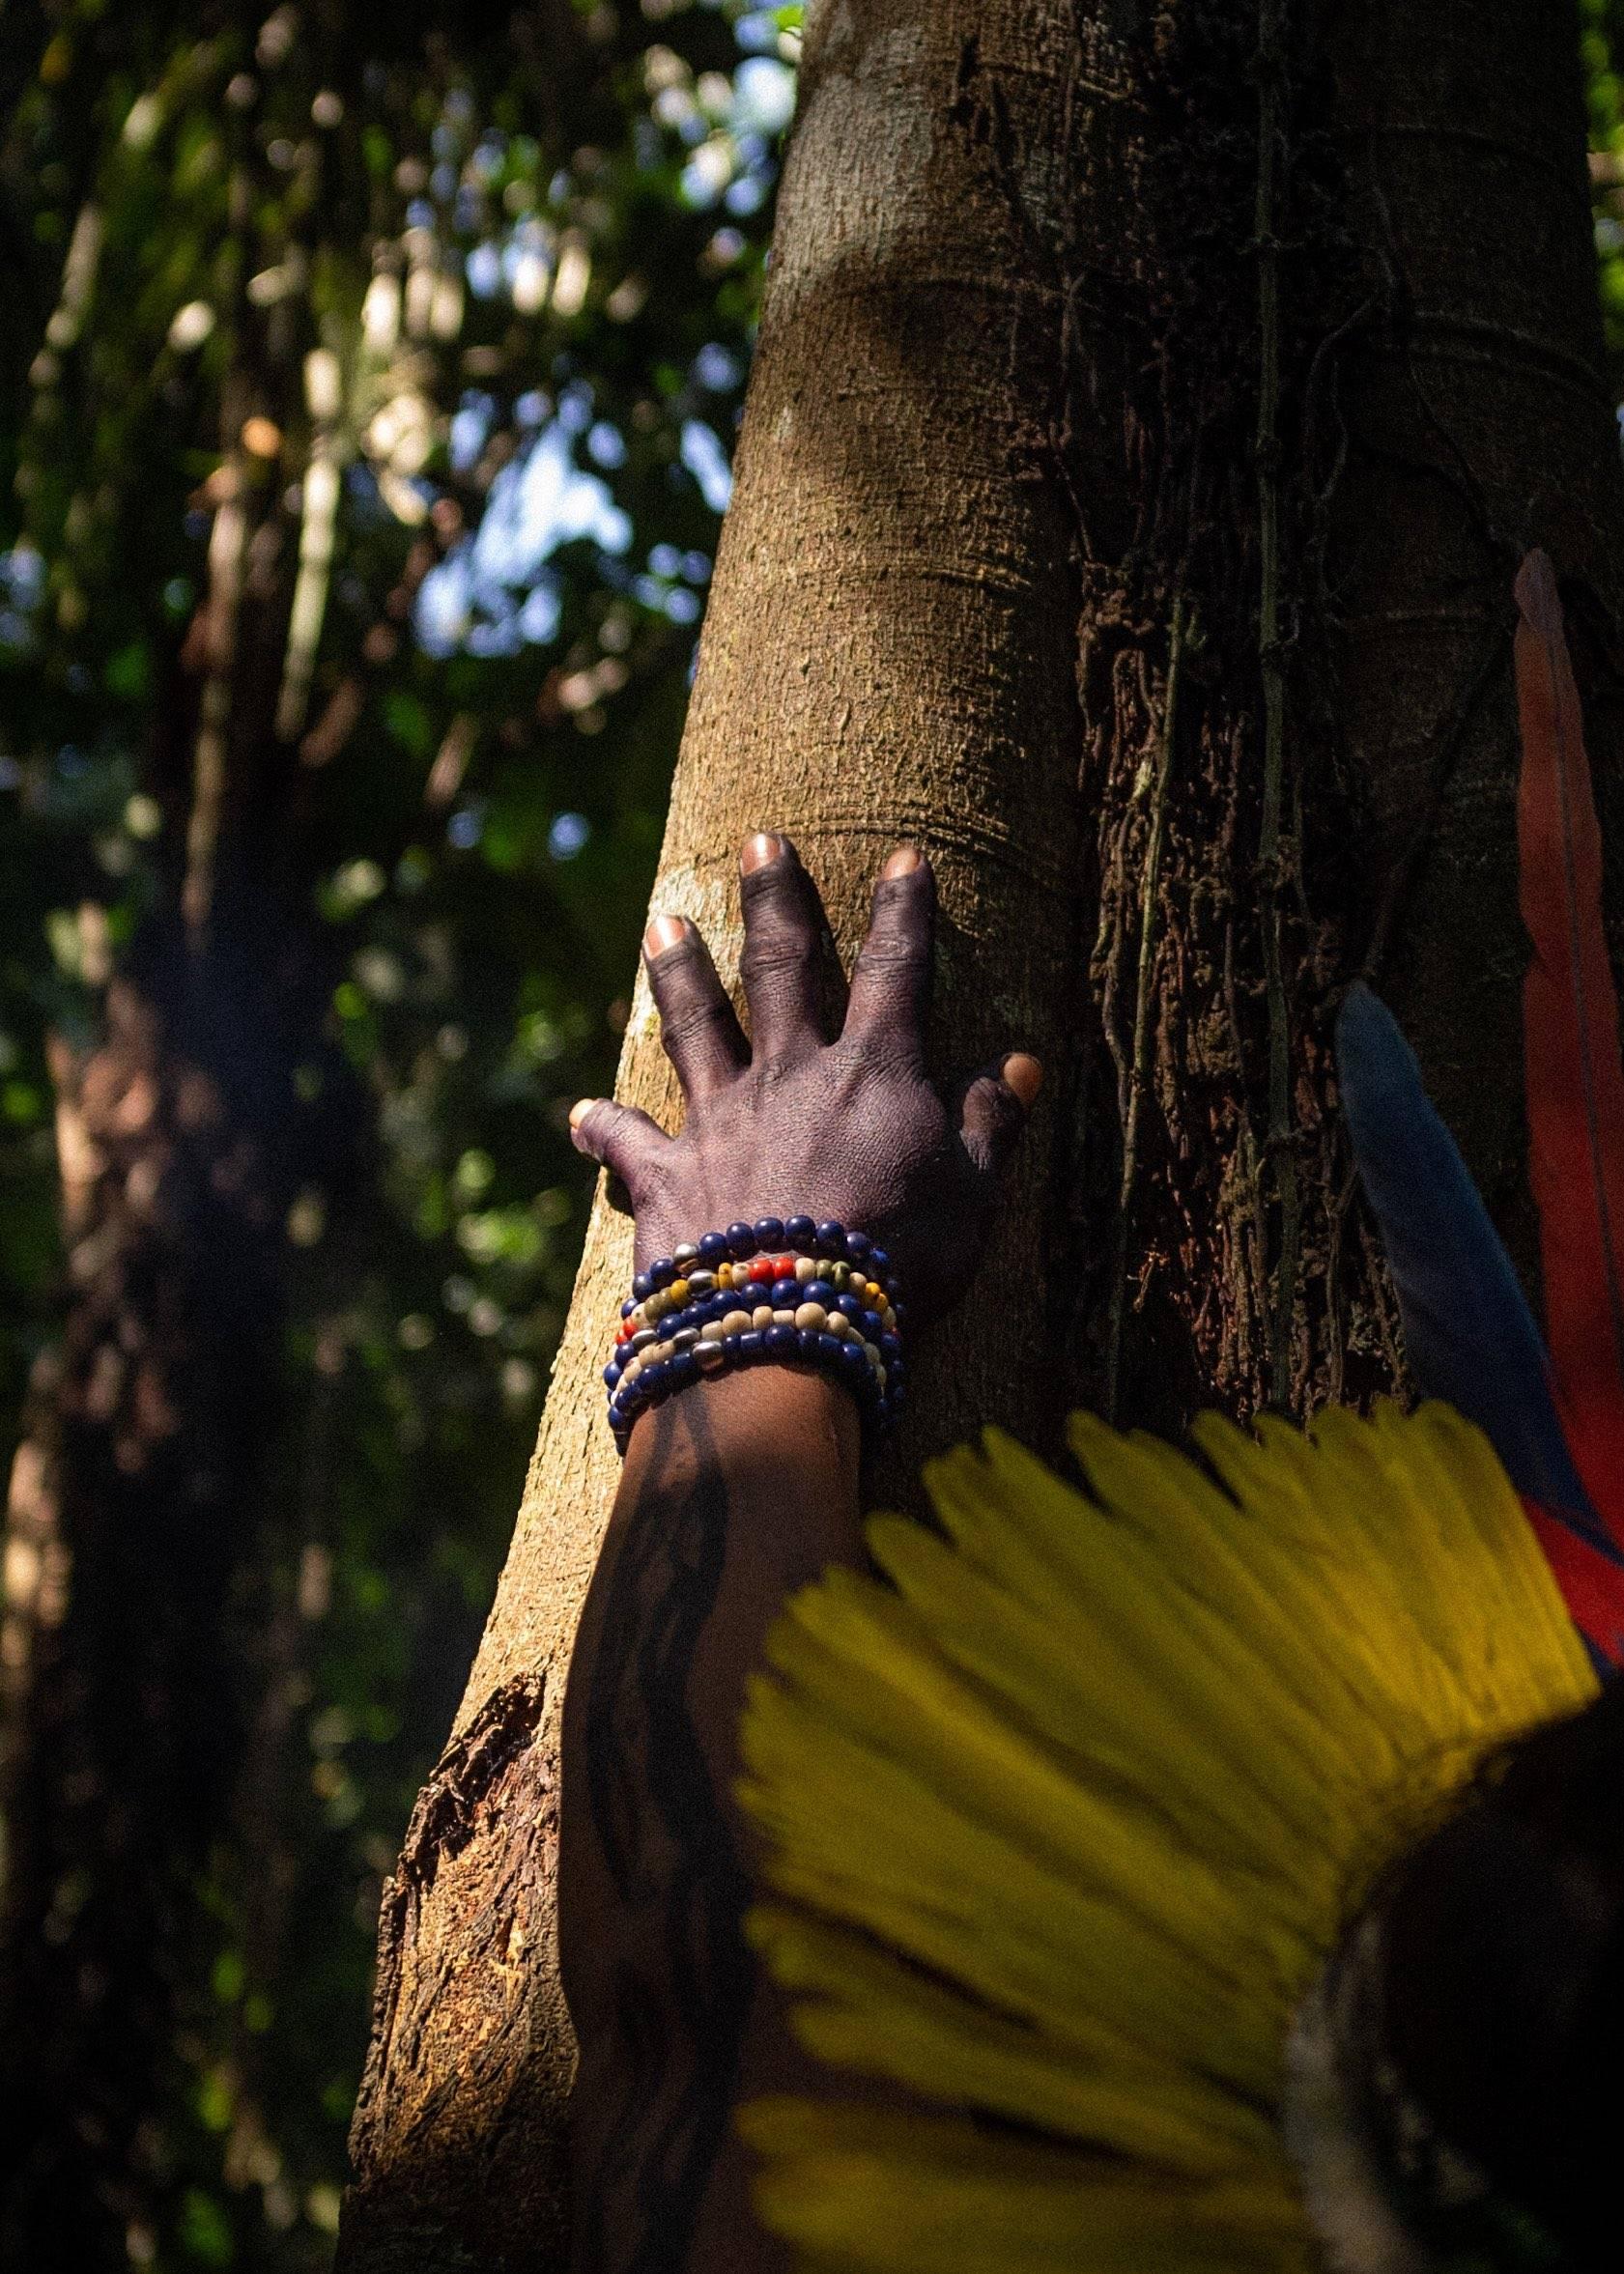 Yawa Bands and traditional cuffs